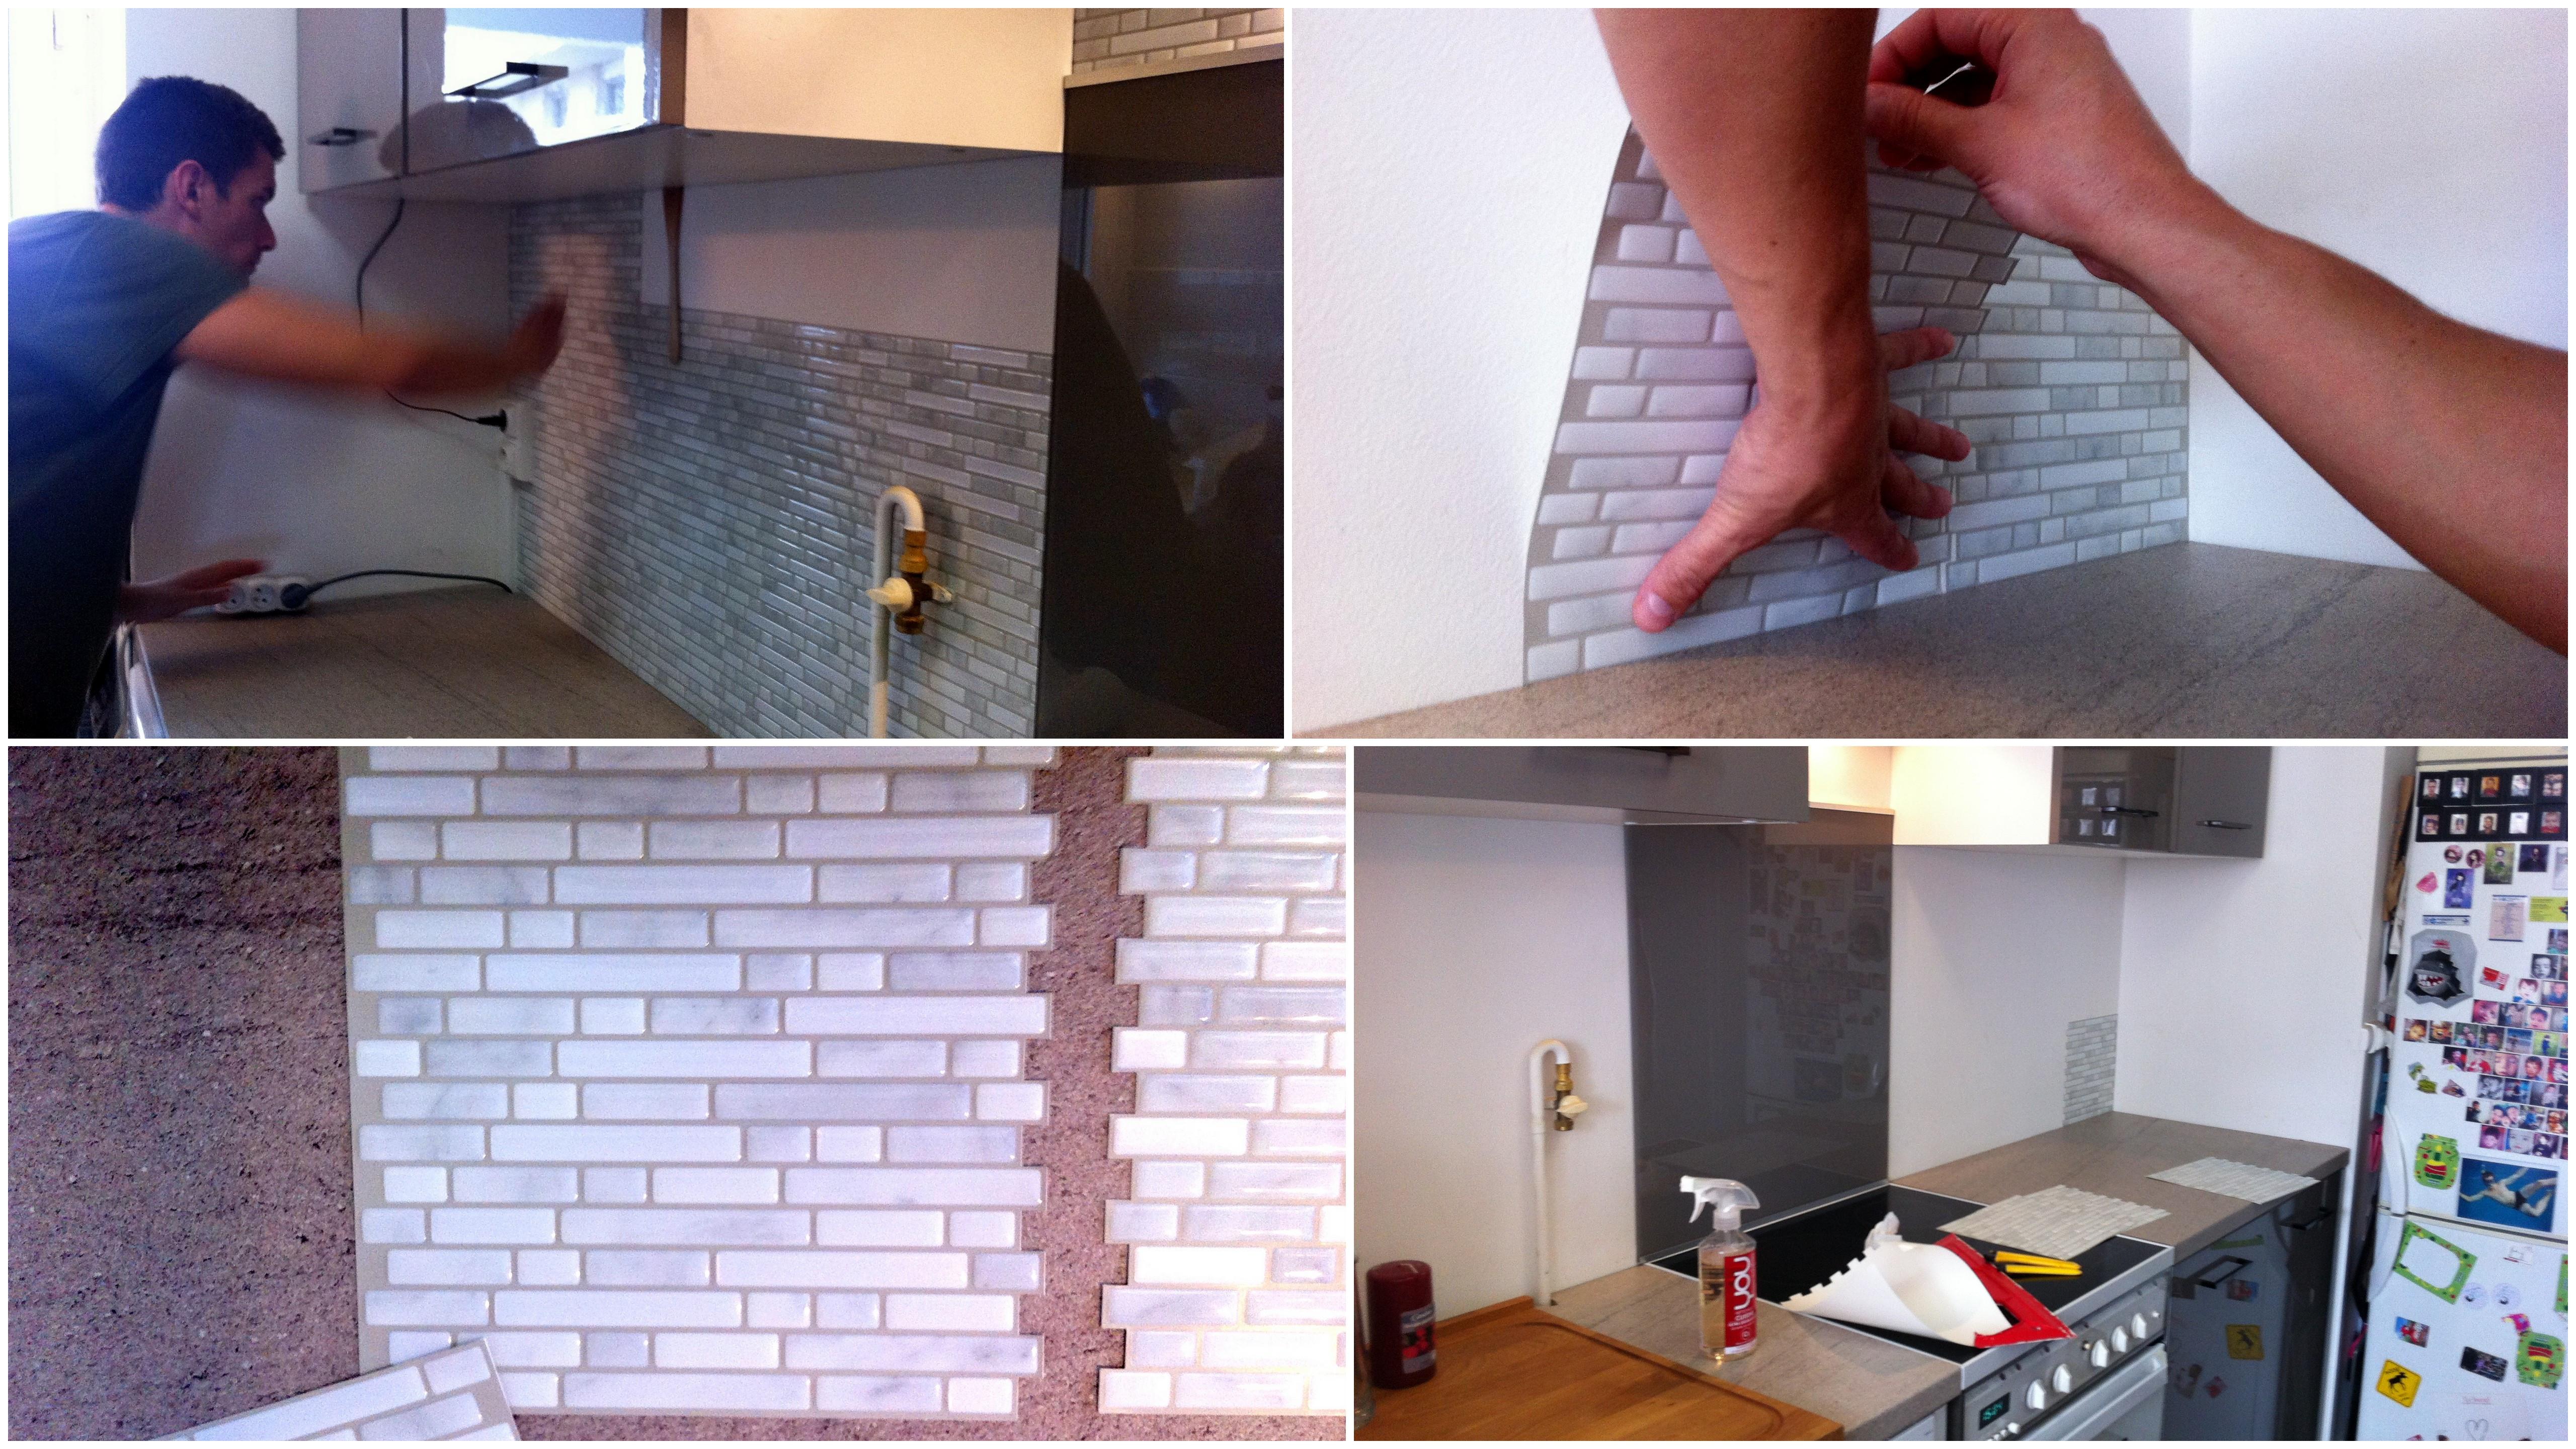 Smart Tiles Leroy Merlin Beau Image Carrelage Adhesif Pour Salle De Bain Meilleur De Carrelage Adhsif